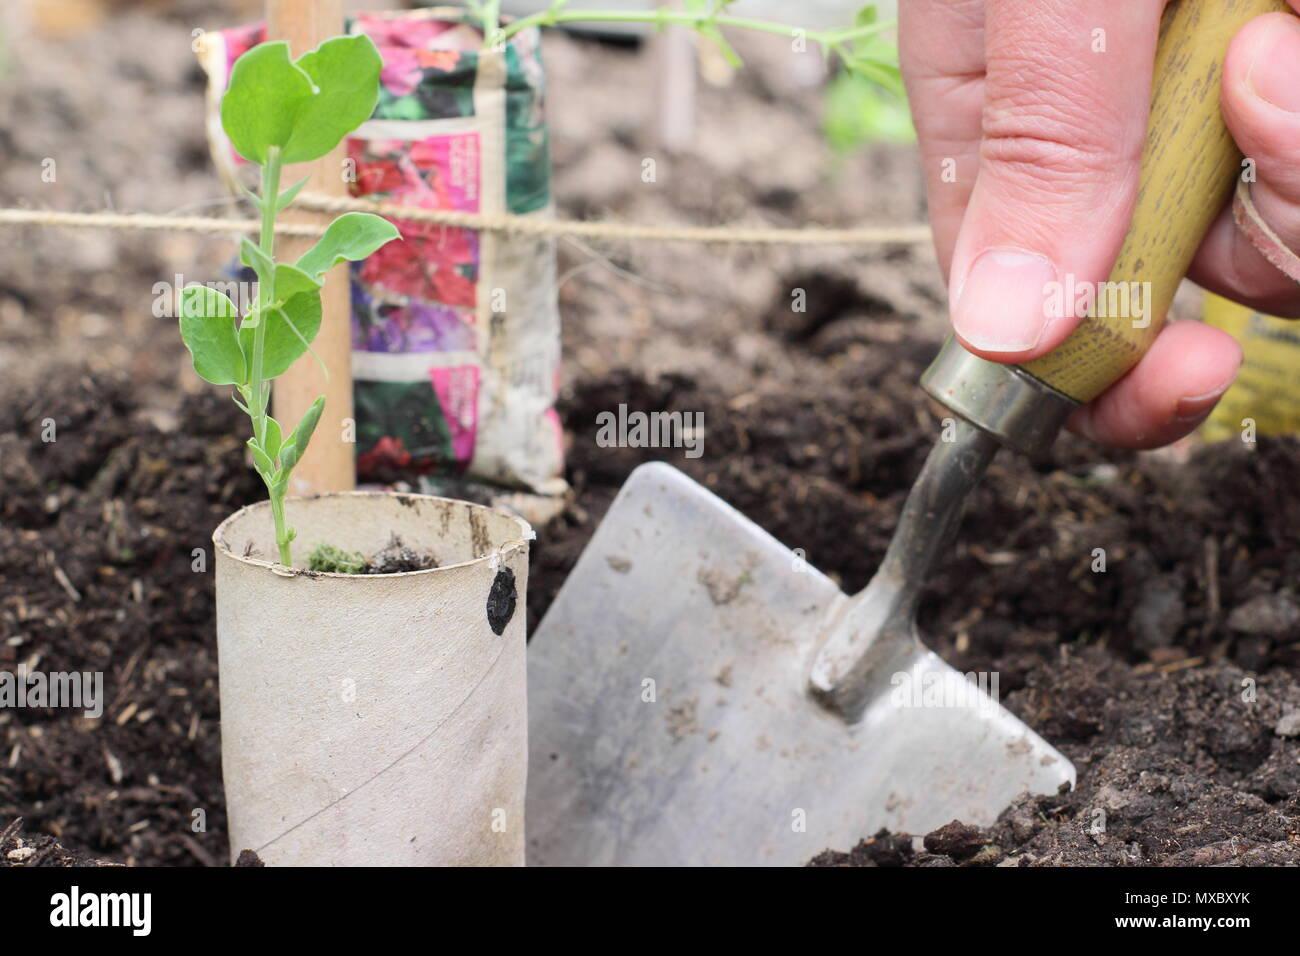 Lathyrus odoratus. Sweet Pea joven plantación de plantas en macetas de papel reciclado en la base de caña planta soporta wigwam, muelle, REINO UNIDO Imagen De Stock